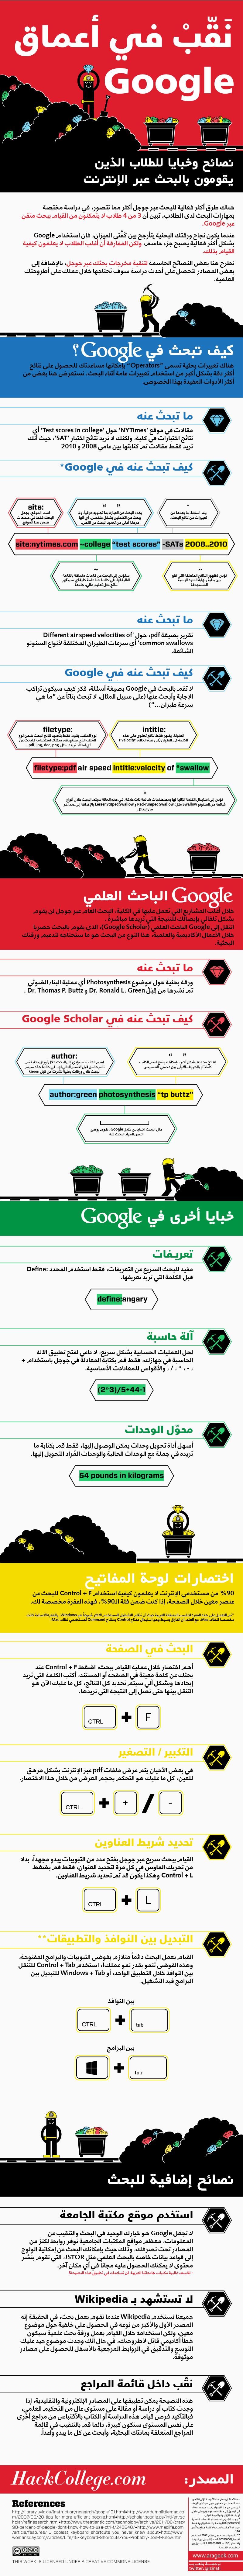 للباحثين والطلبة كيف تحصل على ما تريد من بحث جوجل انفوجرافيك م عر ب Learning Websites Educational Websites Learning Apps